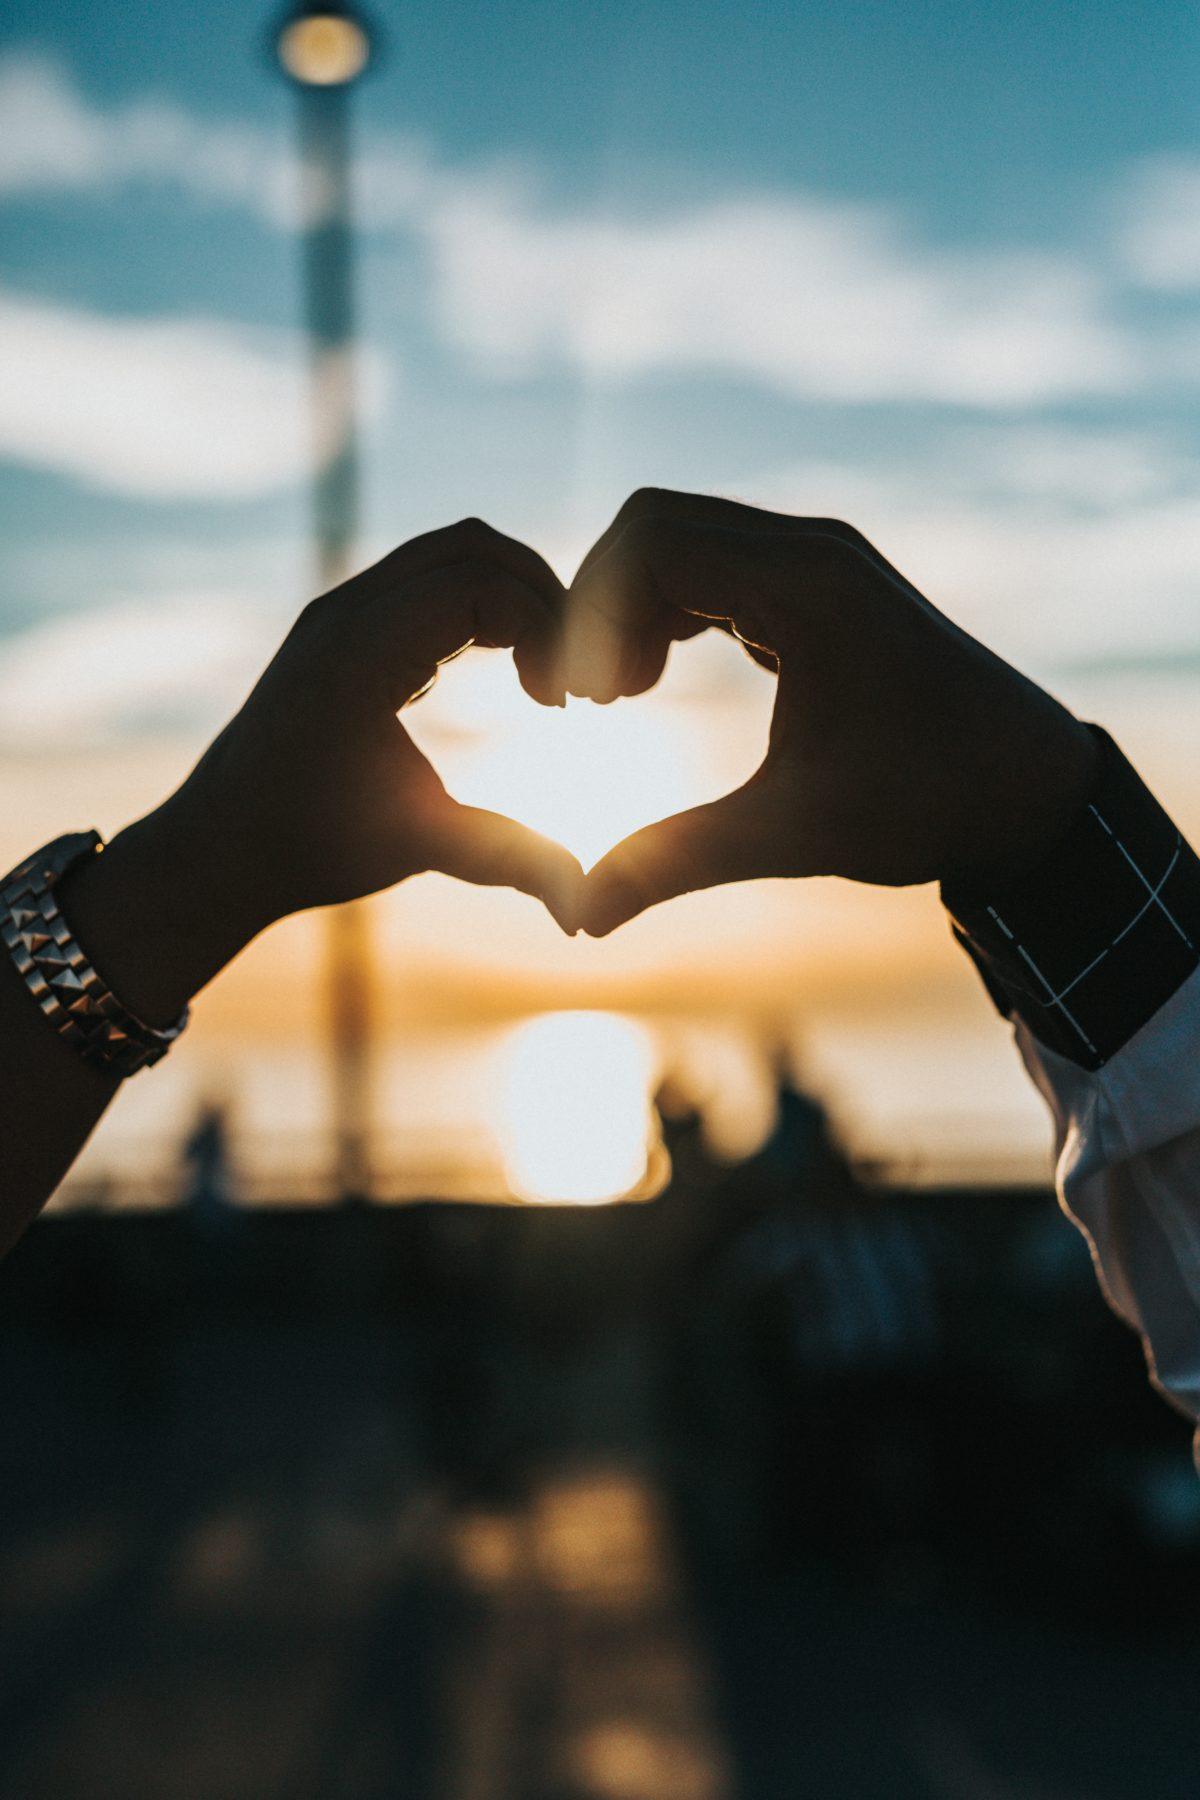 claves-para-vivir-lo-que-hagas-desde-el-amor